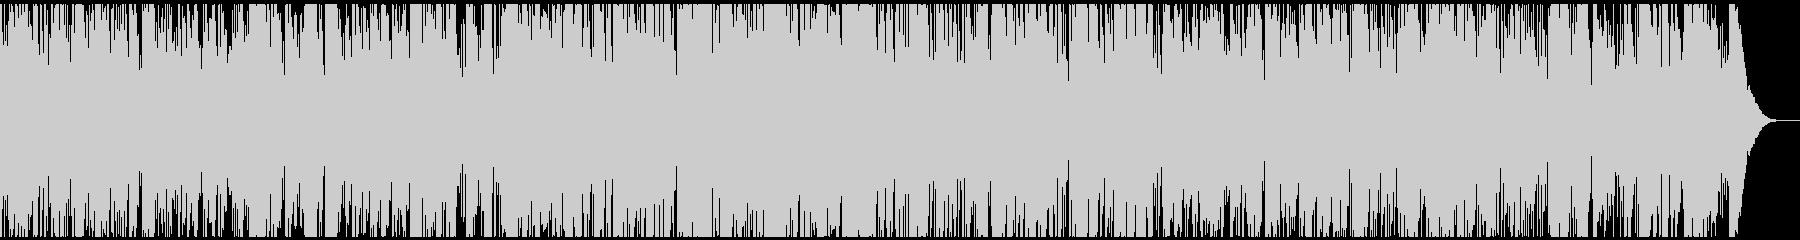 生音・生楽器しっとり大人のカフェボサノバの未再生の波形